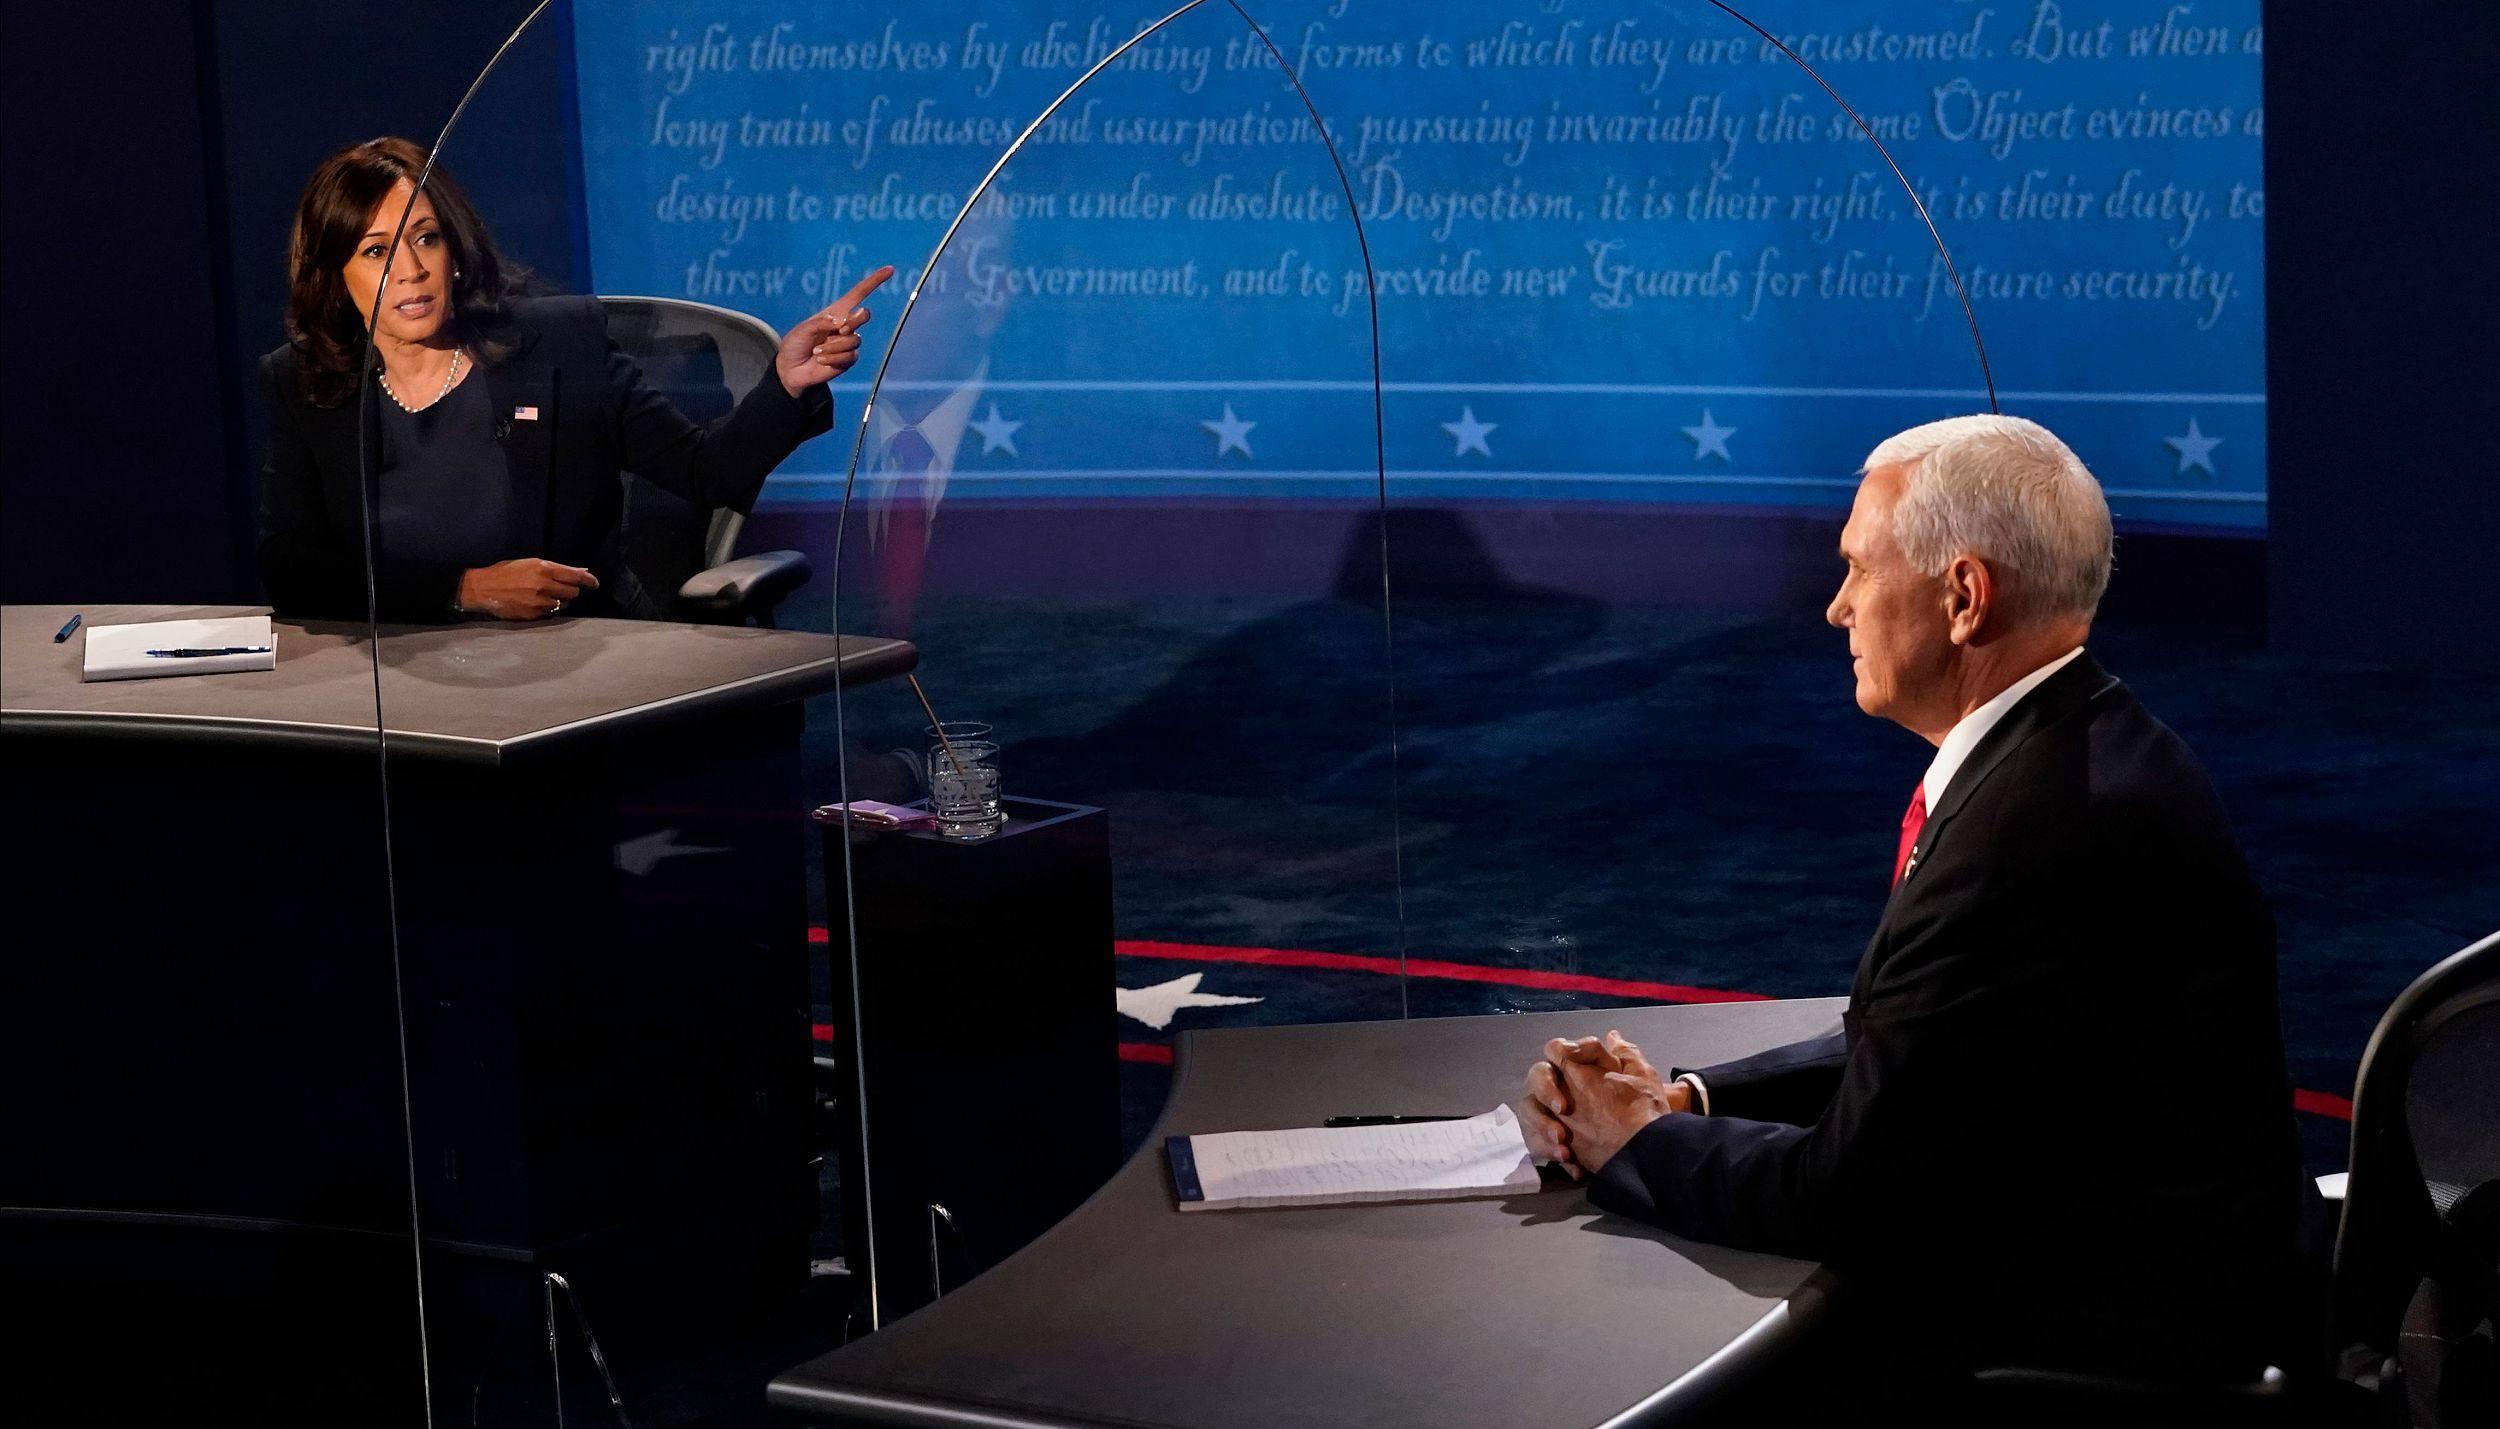 美国副总统辩论:上司年龄与新冠成焦点插图1